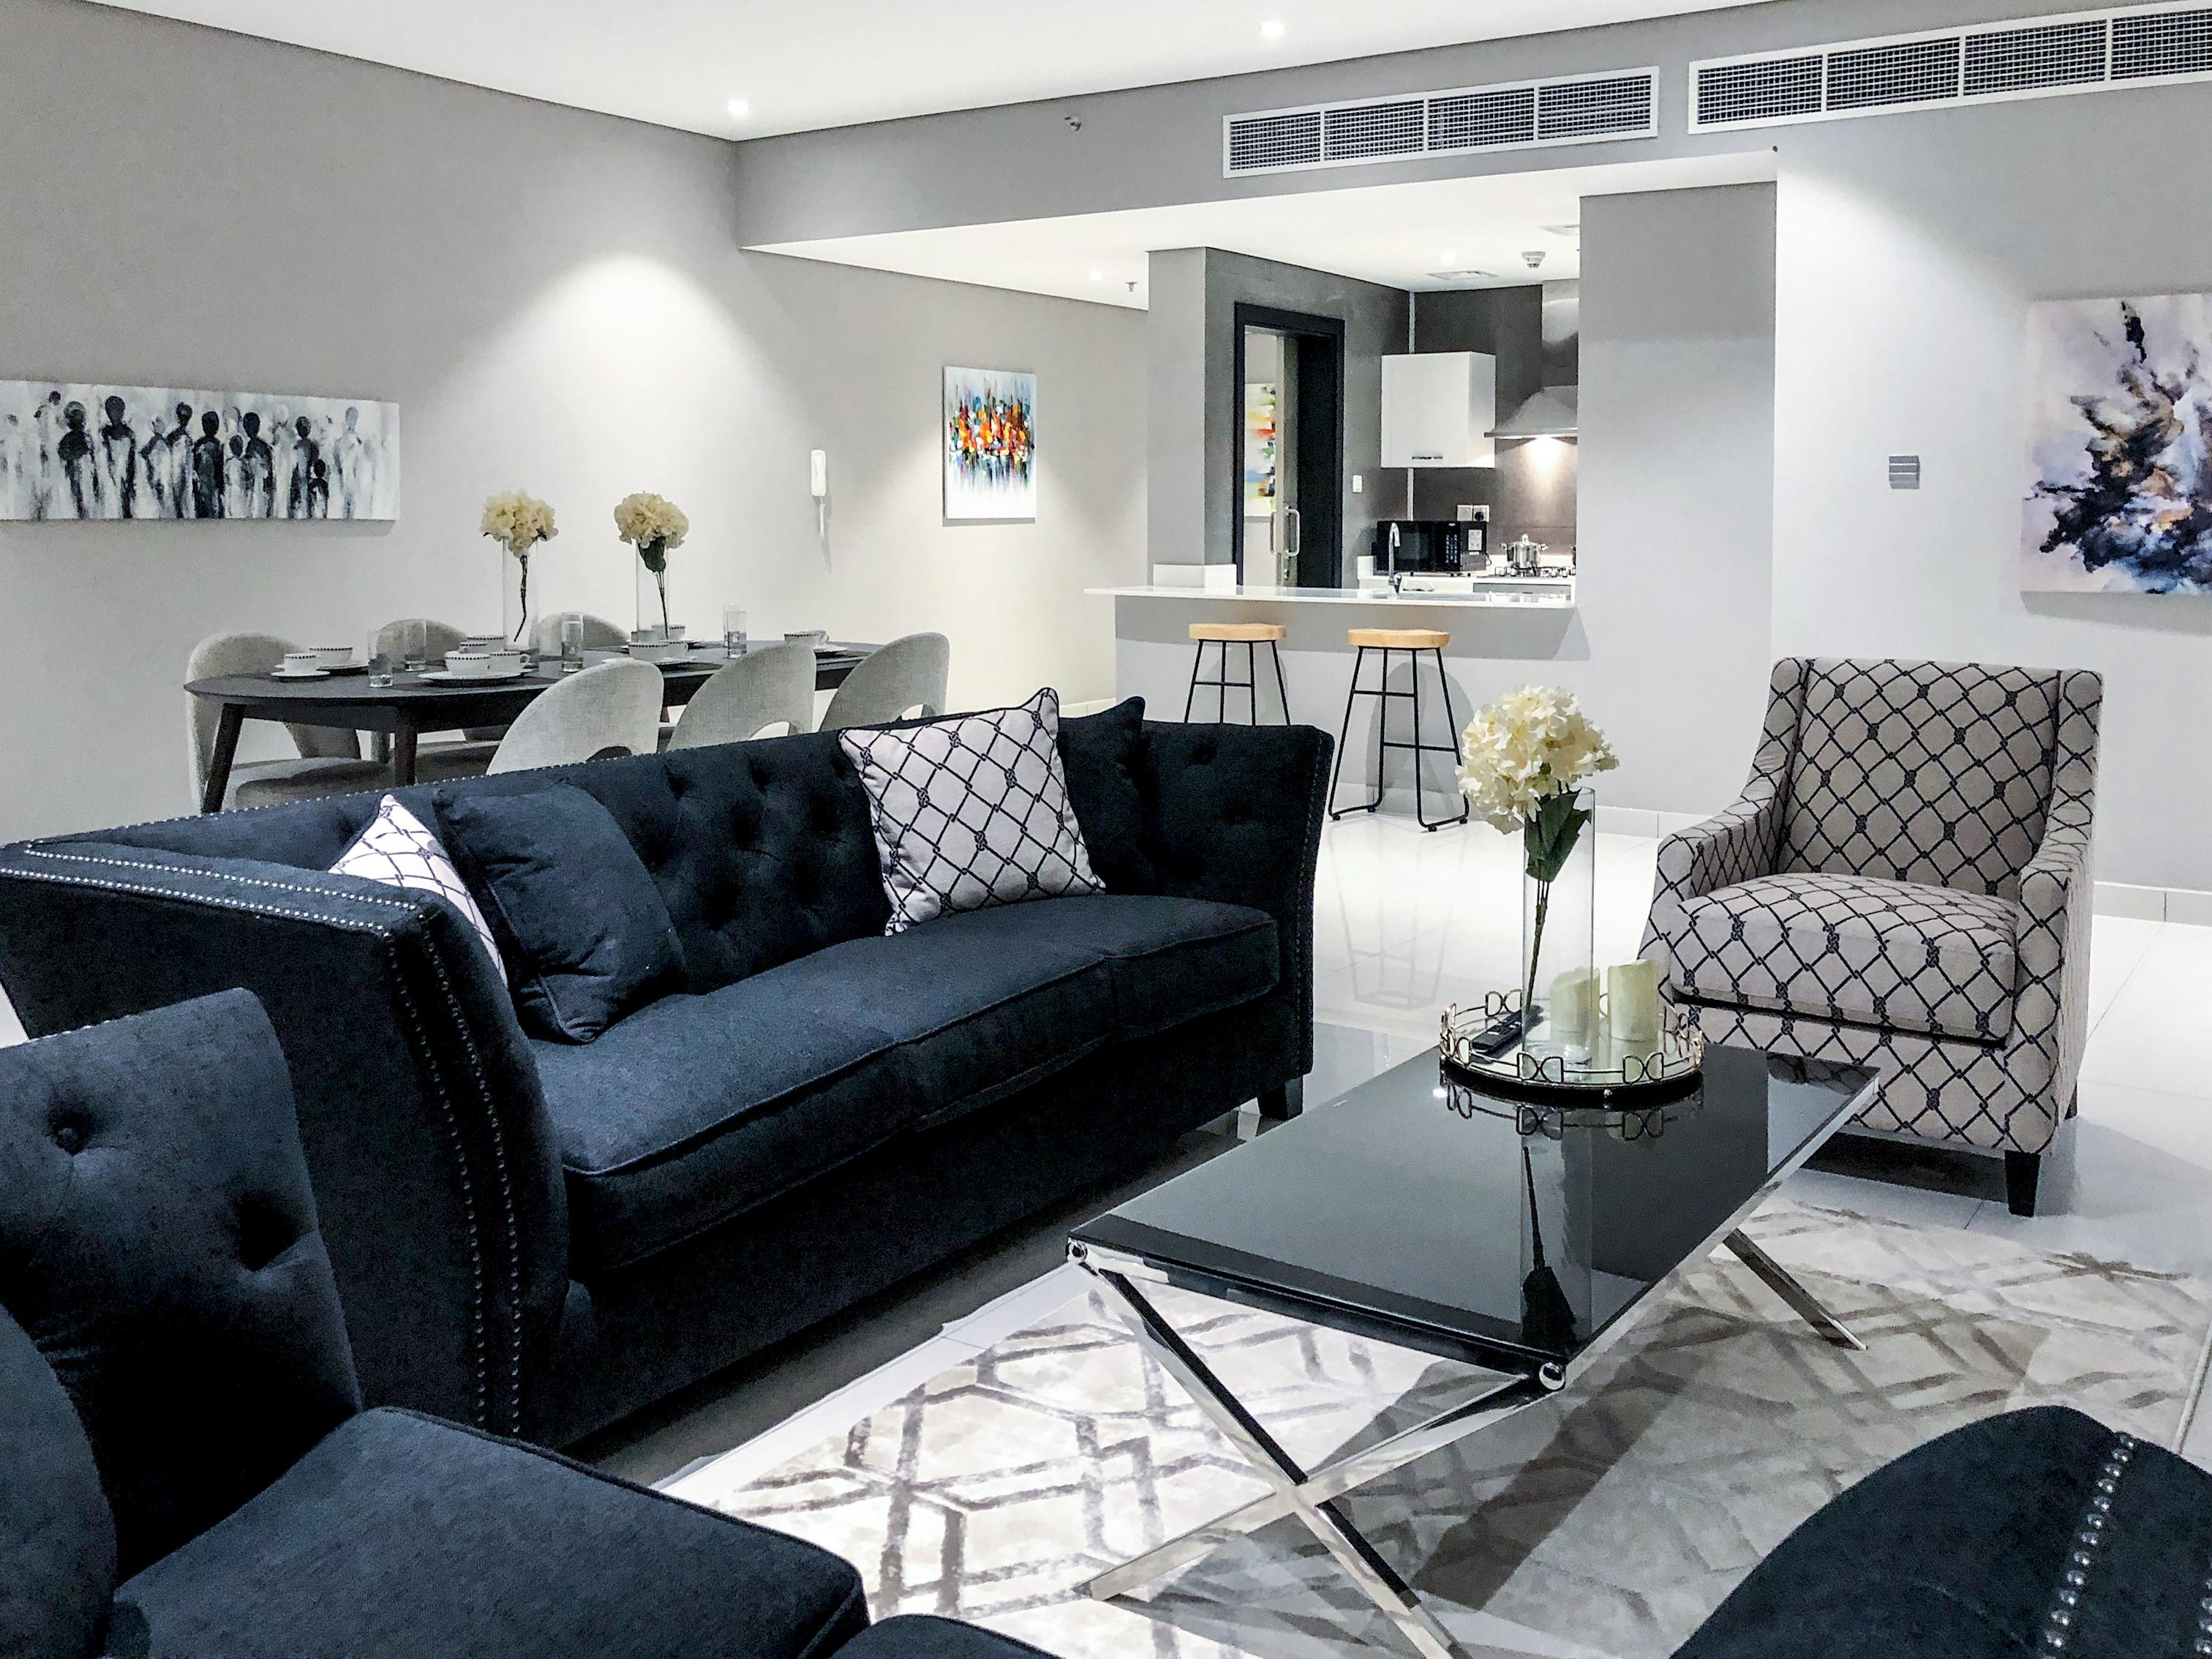 Apartment The Galleries Meydan Luxury - Dubai photo 27263503